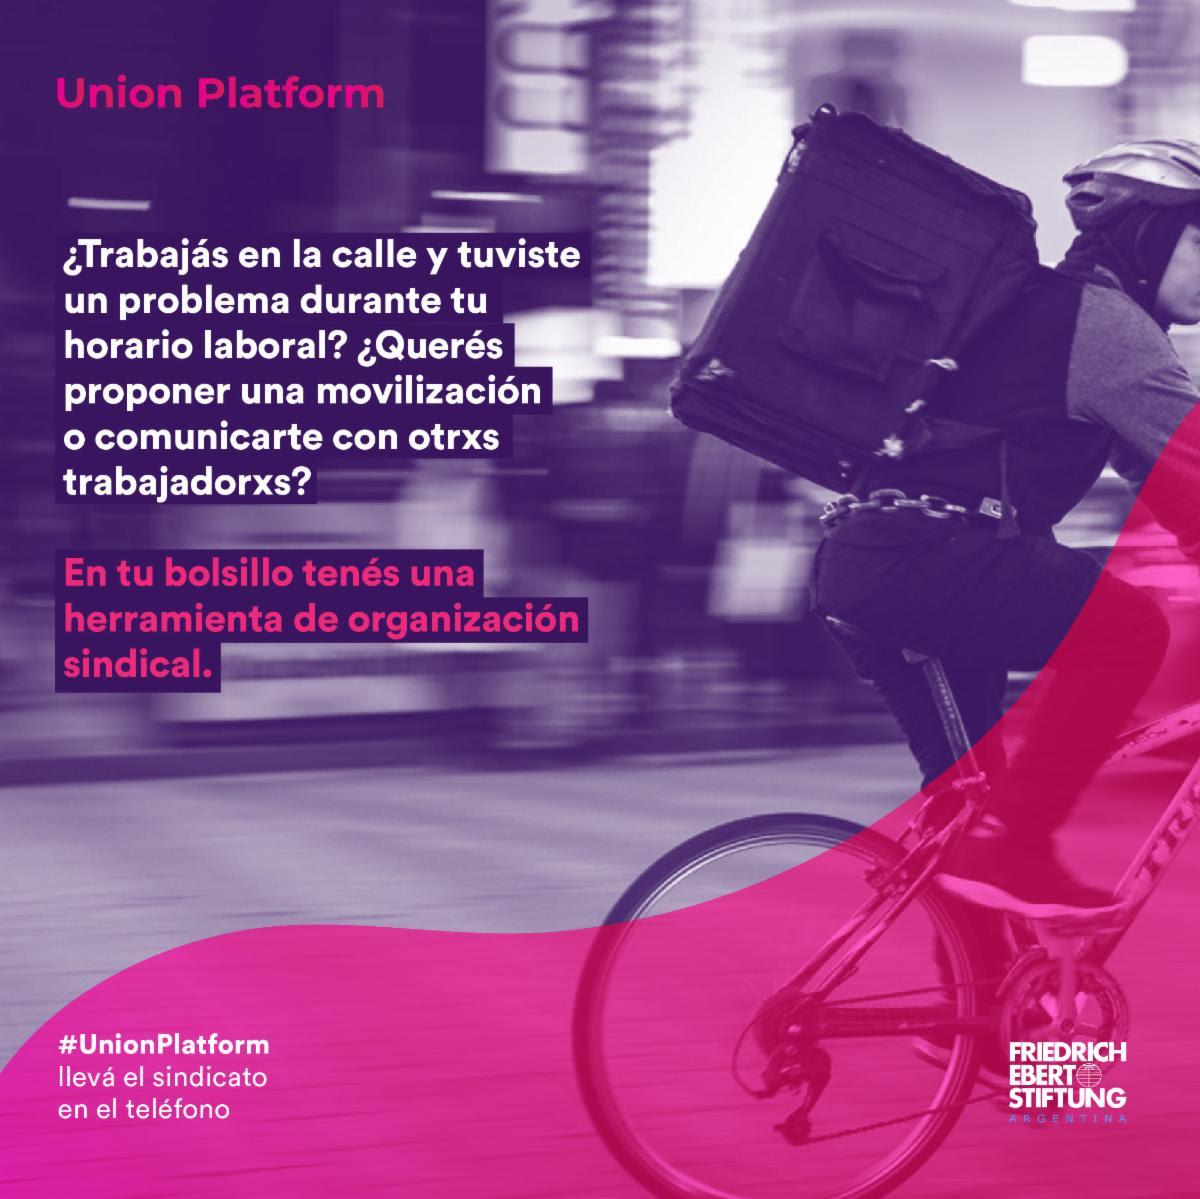 Union Platform. La app sobre derechos laborales